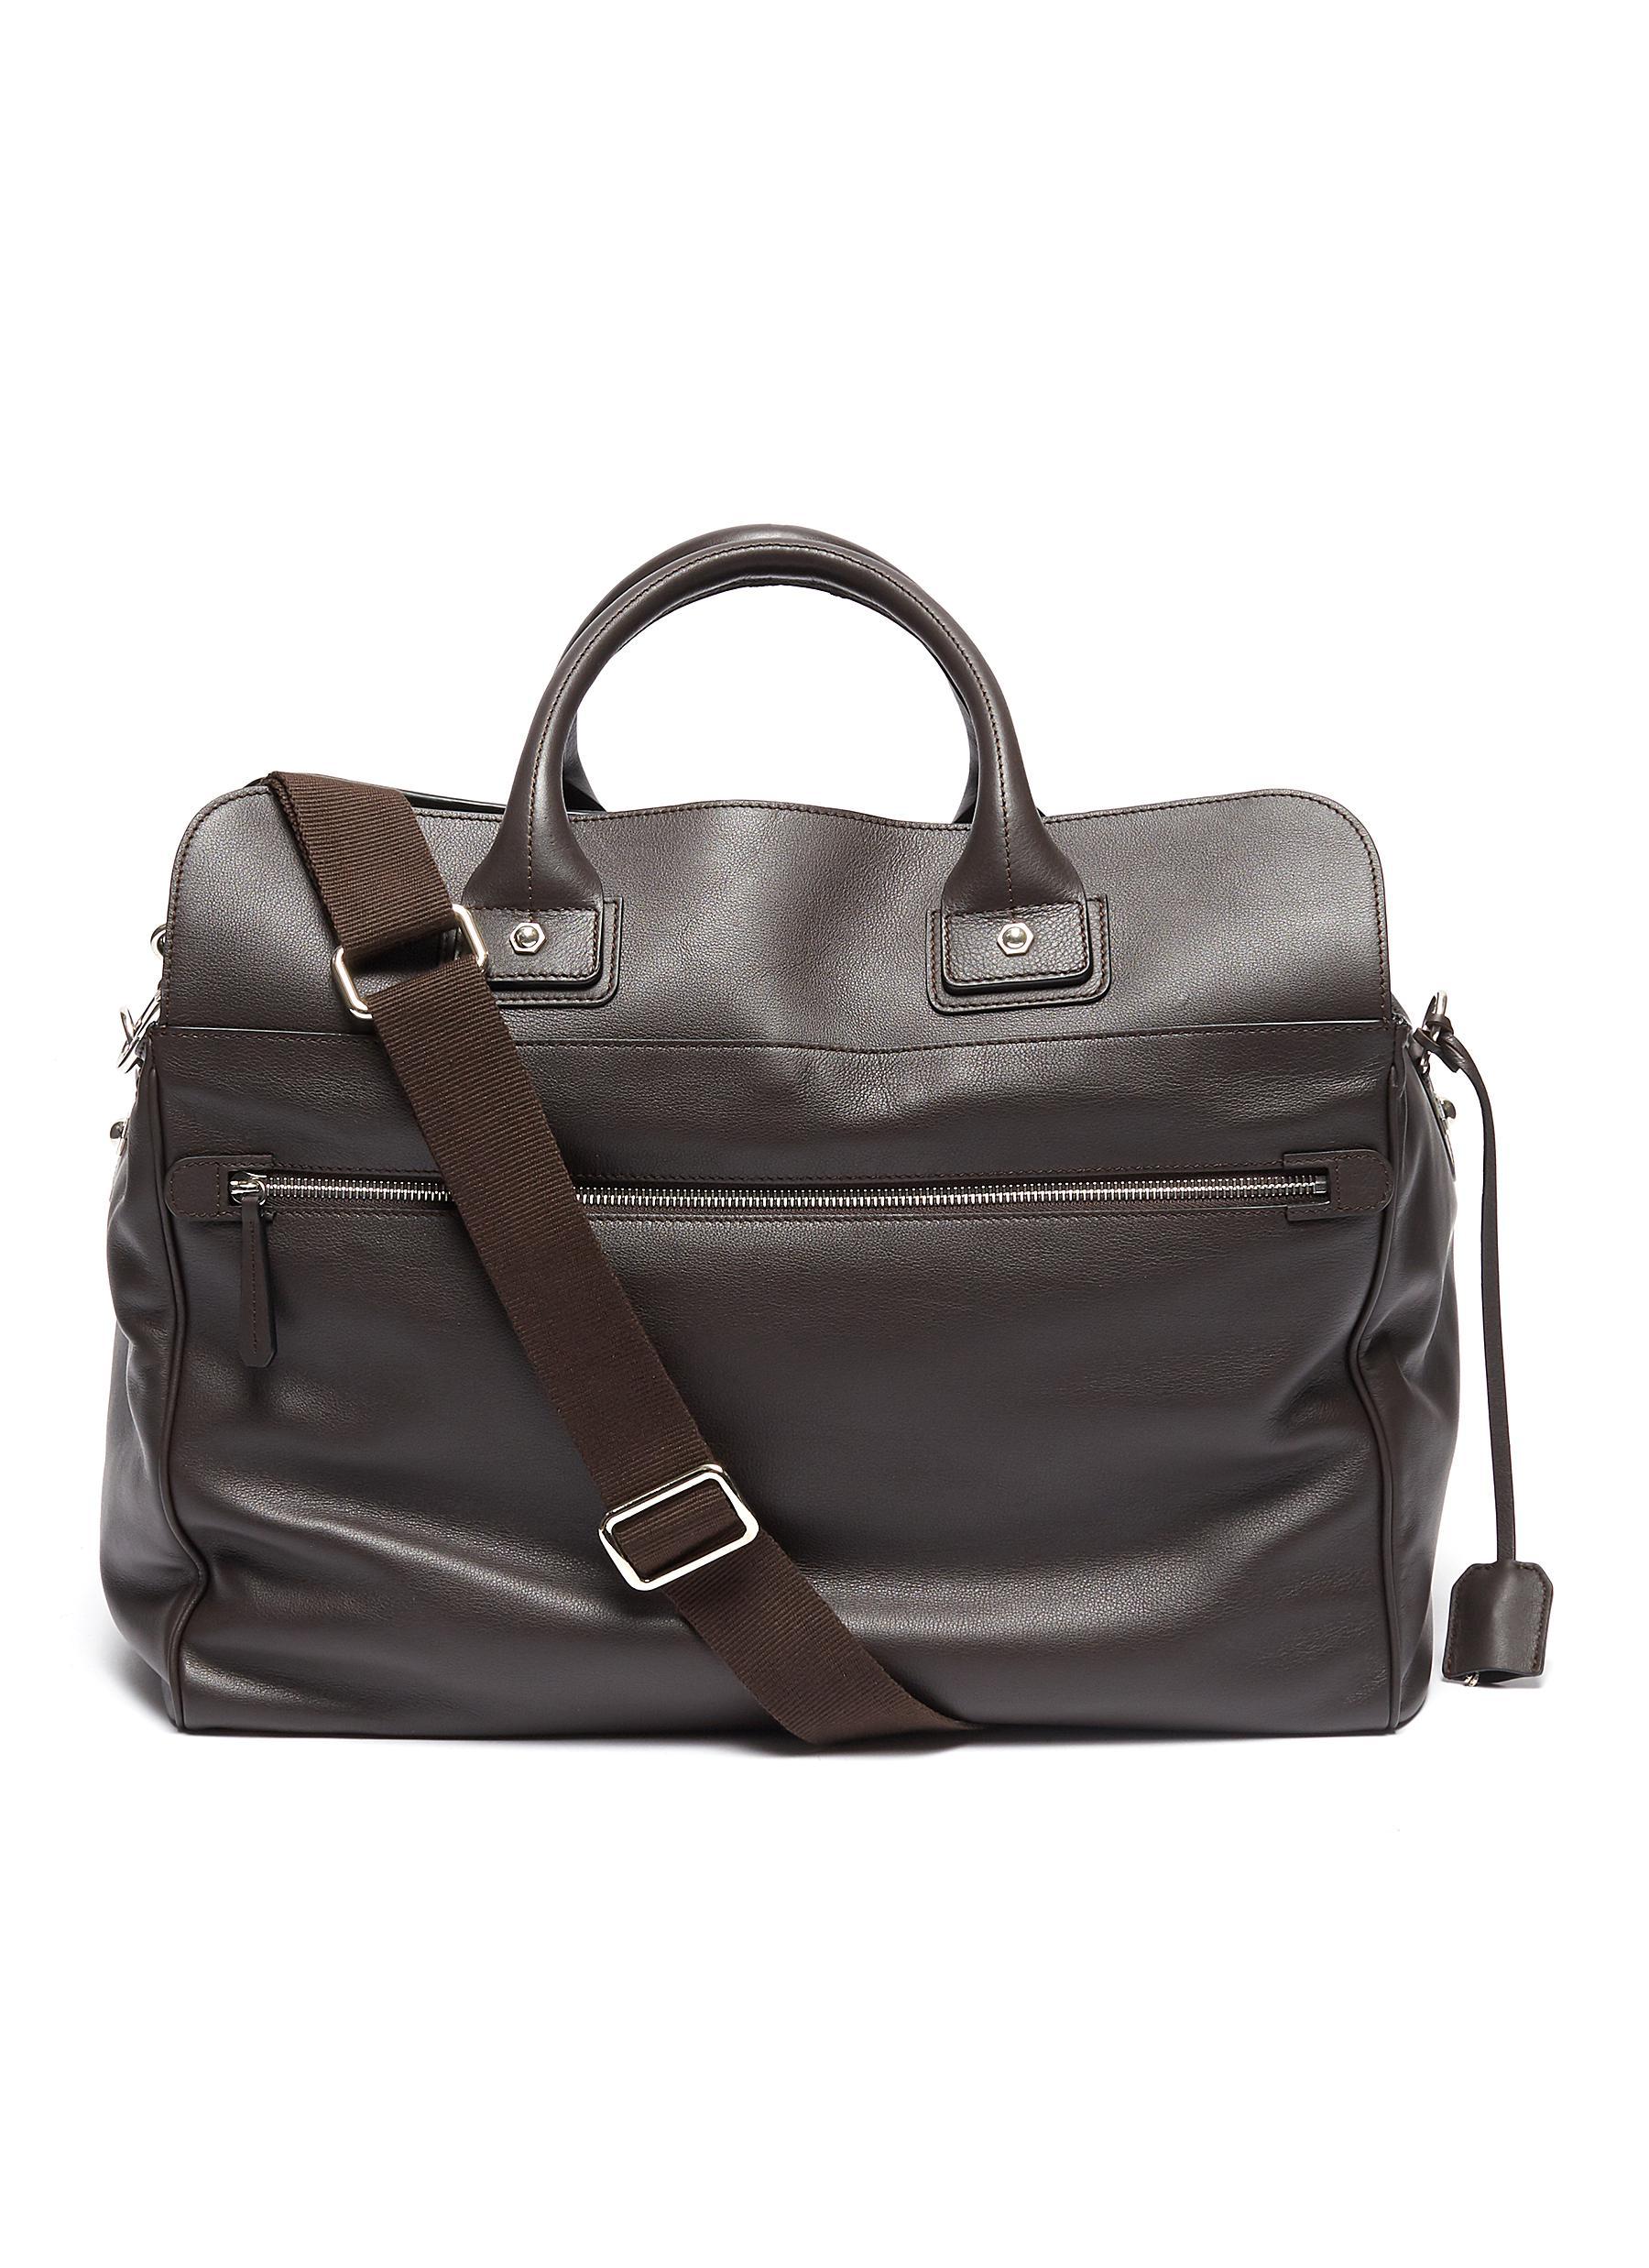 Medium leather sea bag